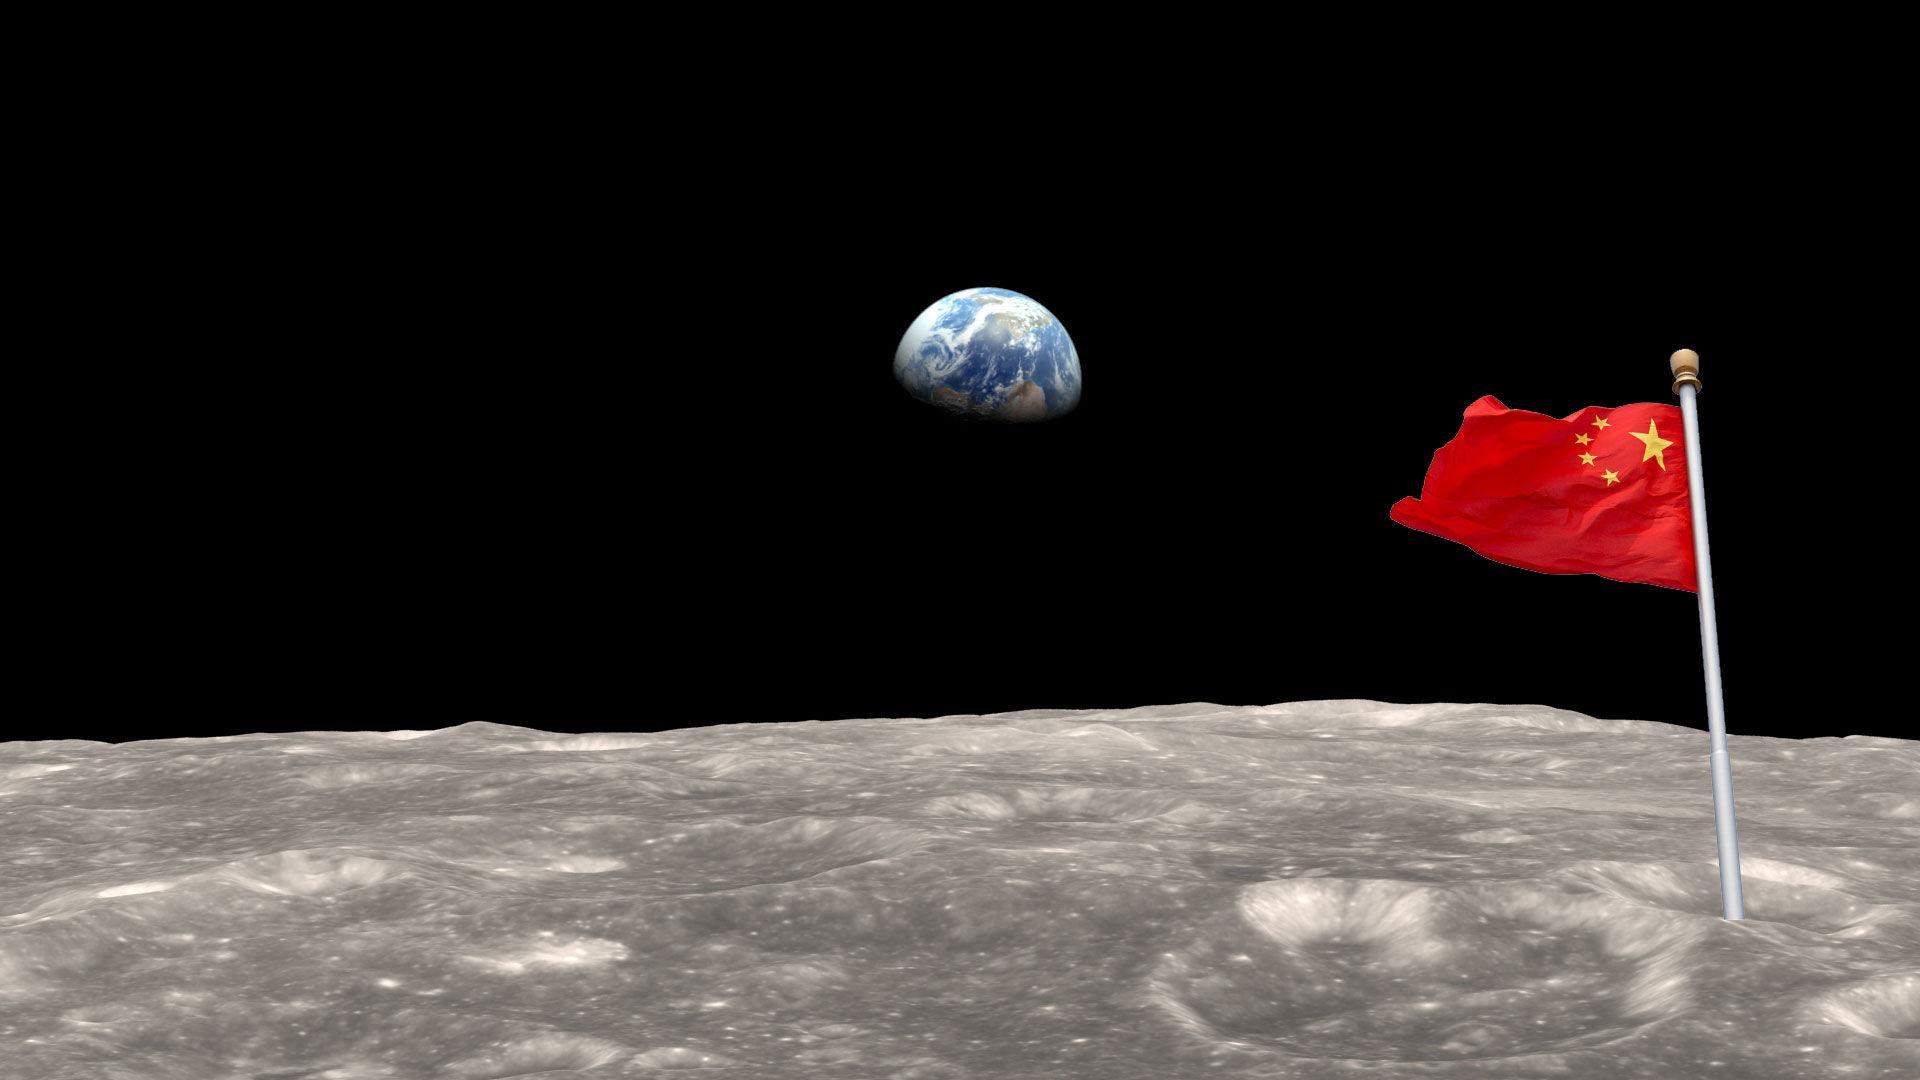 Kina siktar på att landsätta en människa på månen 2036